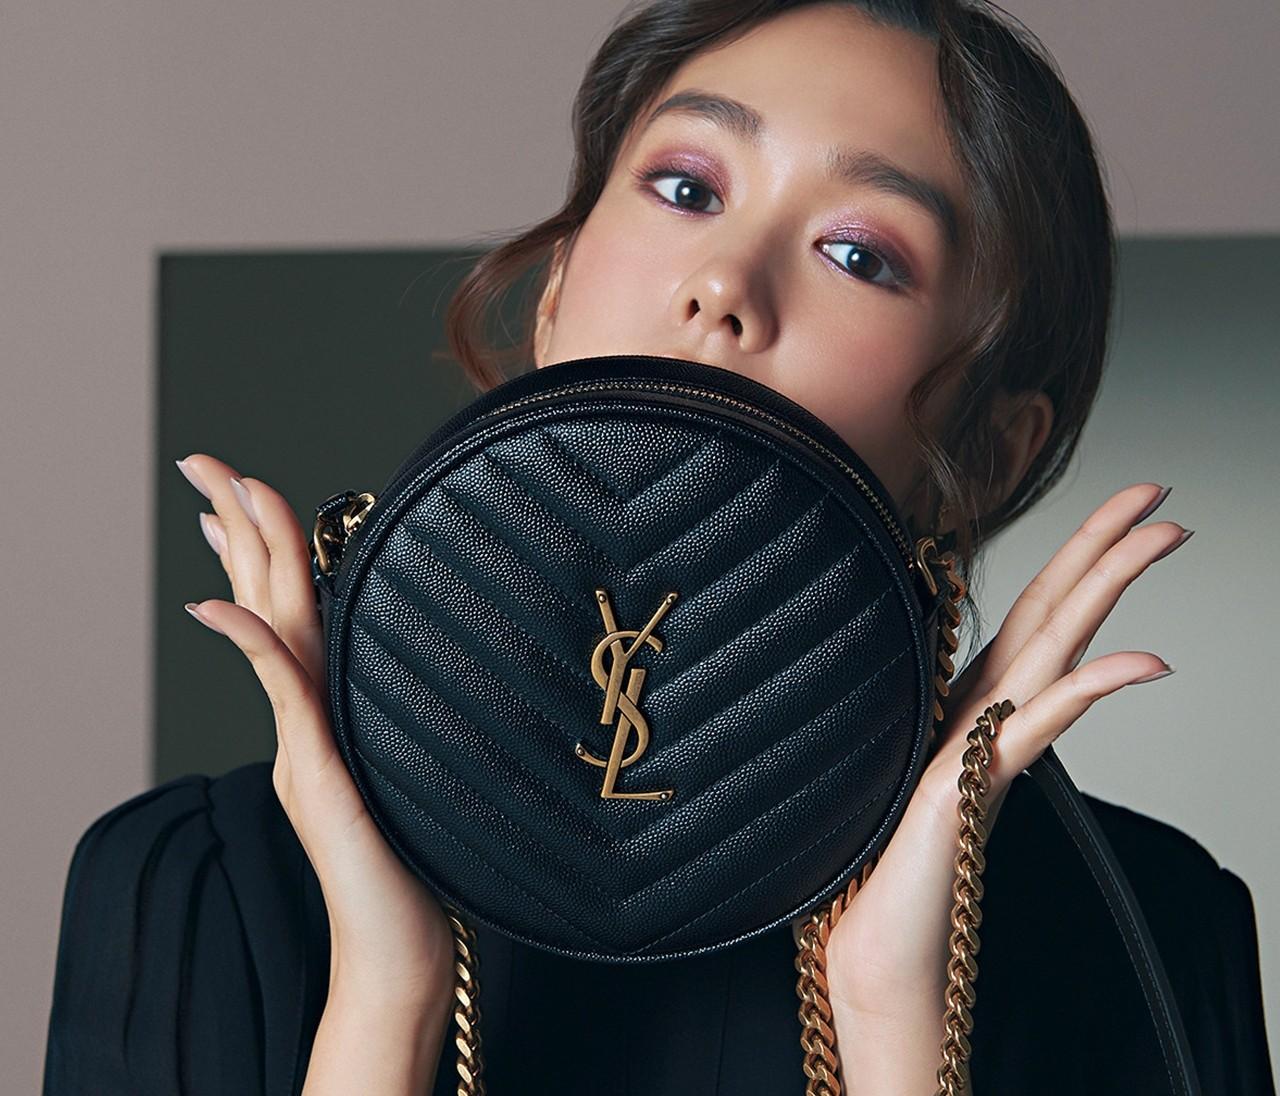 【春のご褒美ミニバッグ】「サンローラン」からアクセサリーのようなバッグが登場!